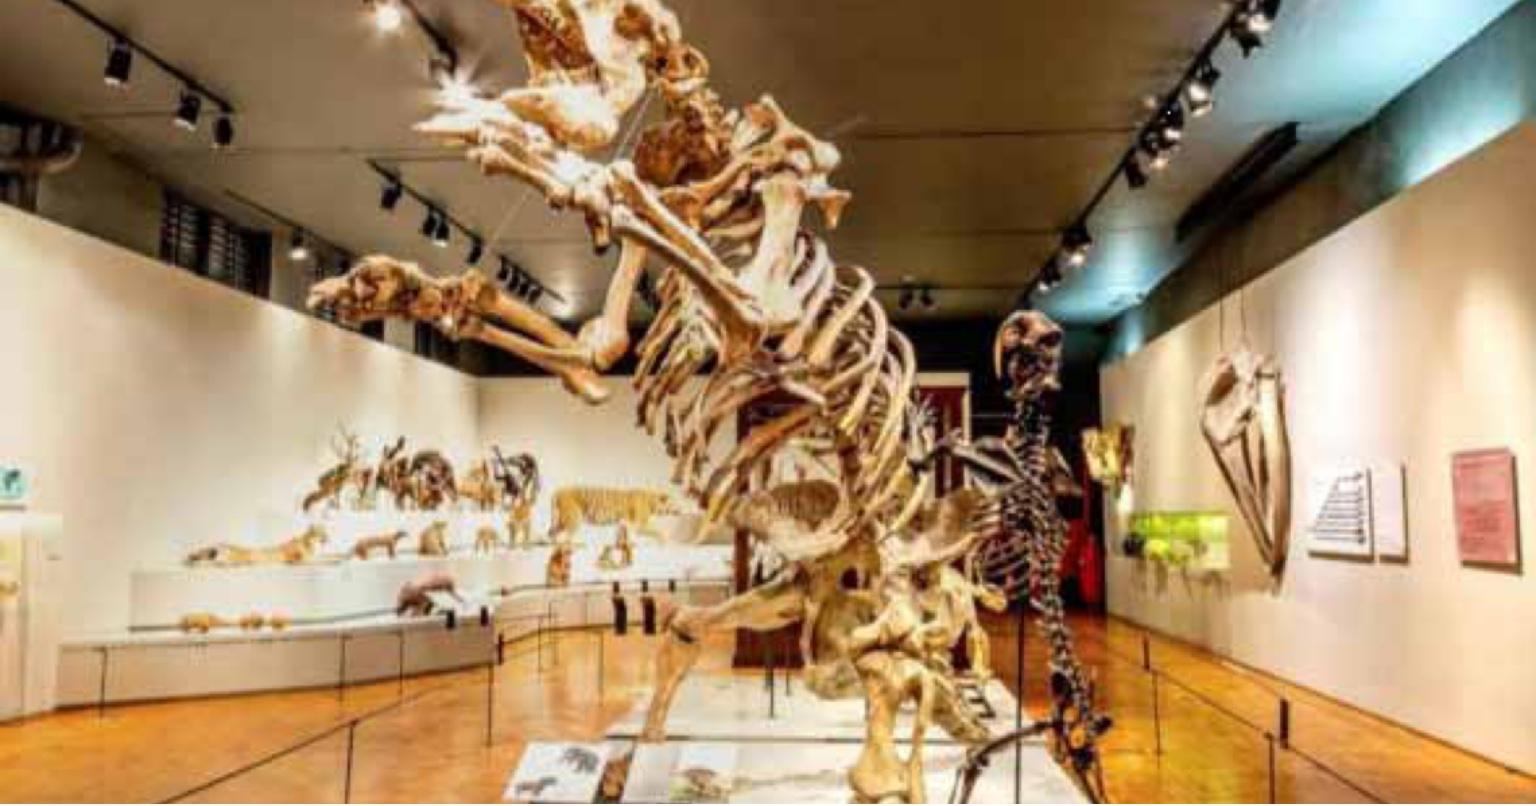 Museu virtual da lusofonia no 'Google Arts & Culture' com 45 exposições sobre os países de língua portuguesa